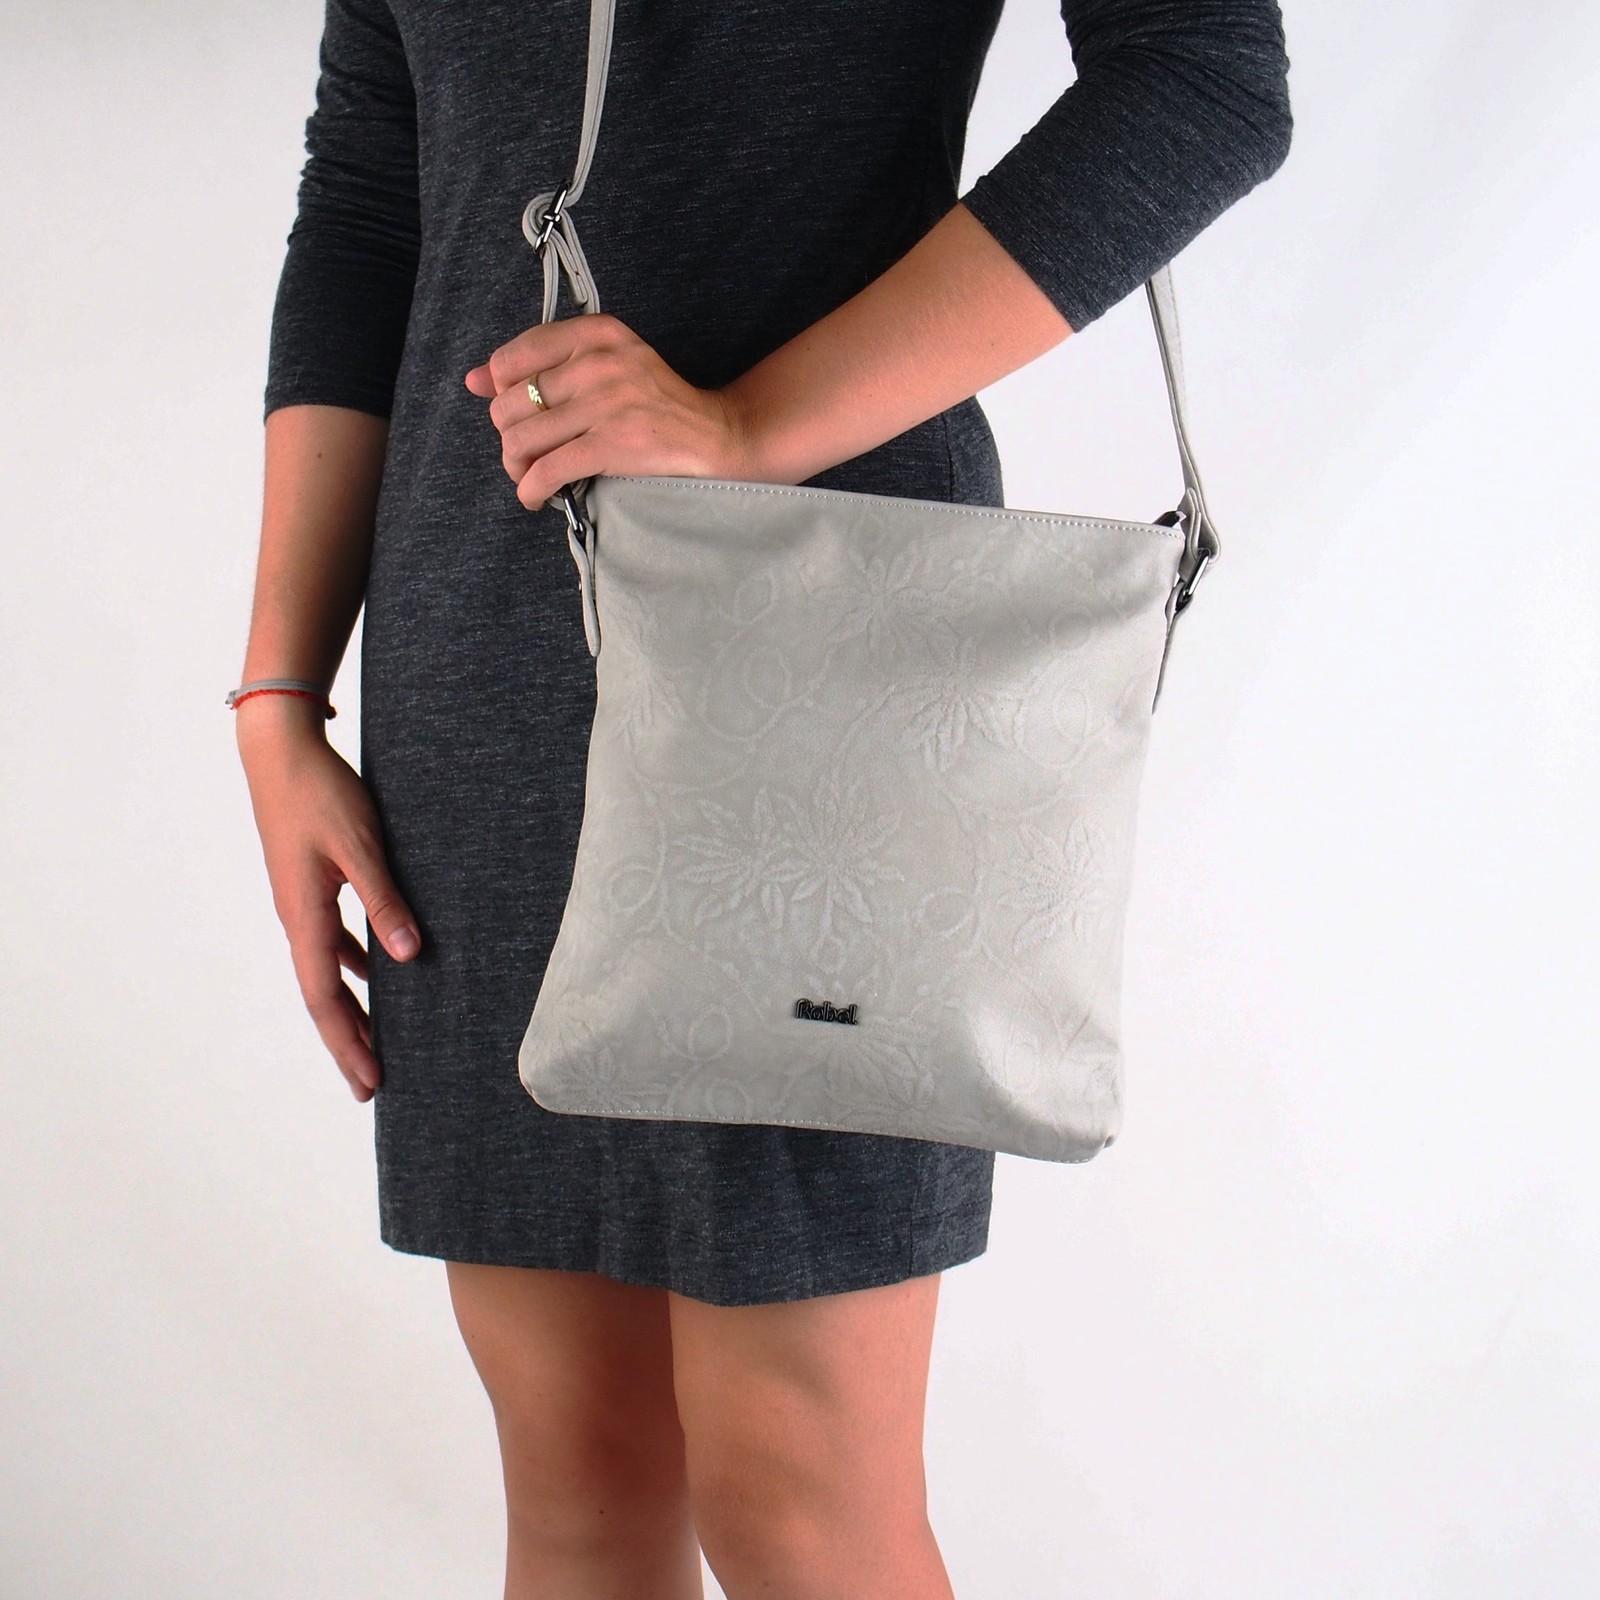 Robel dámska štýlová crossbody kabelka - šedá